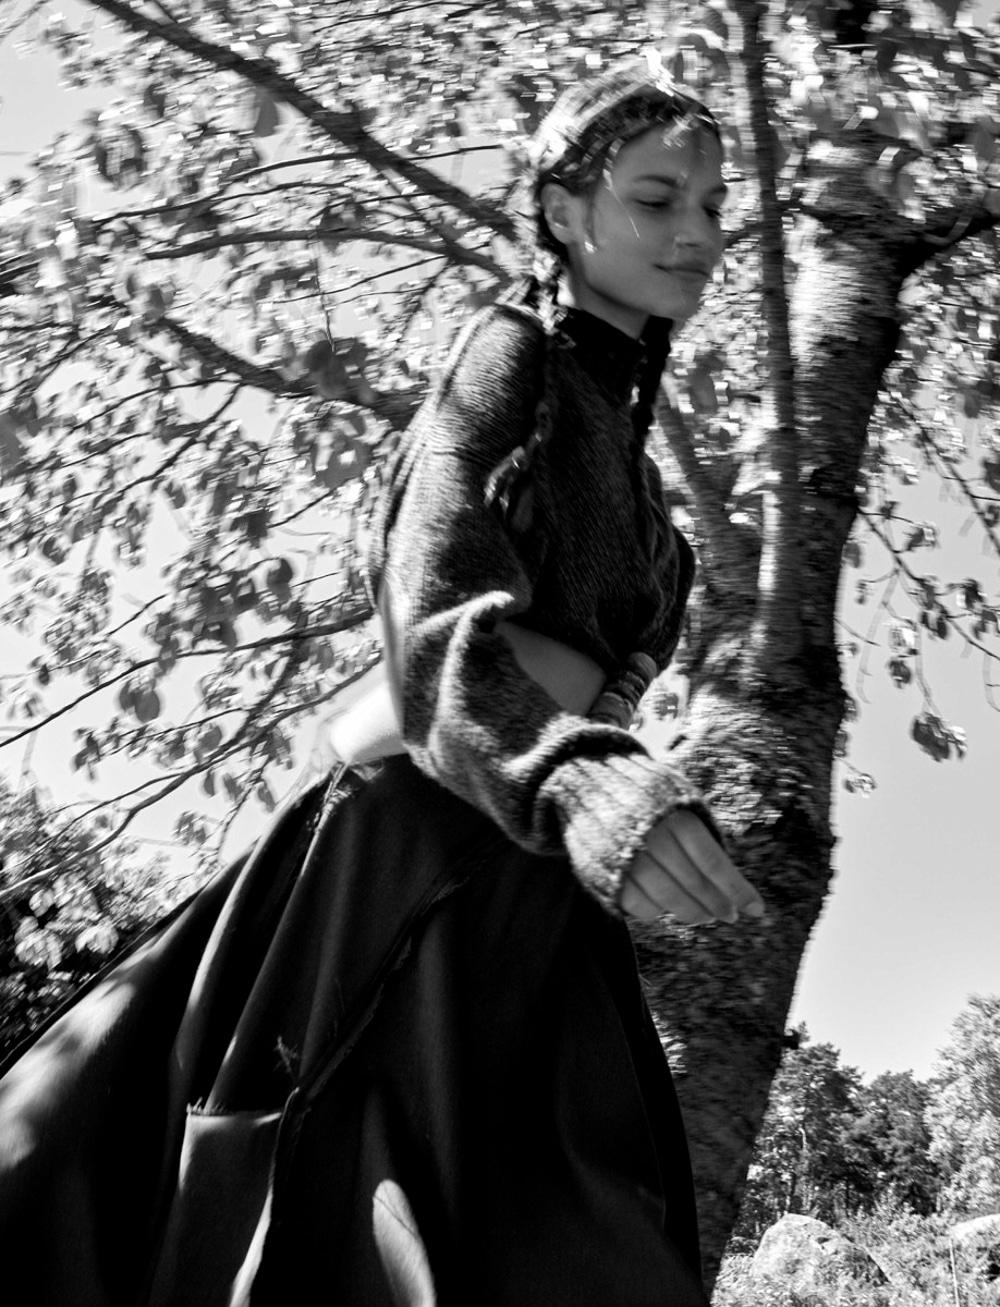 Vogue-Spain-August-2018-Faretta-by-Camilla-Akrans-6.jpg